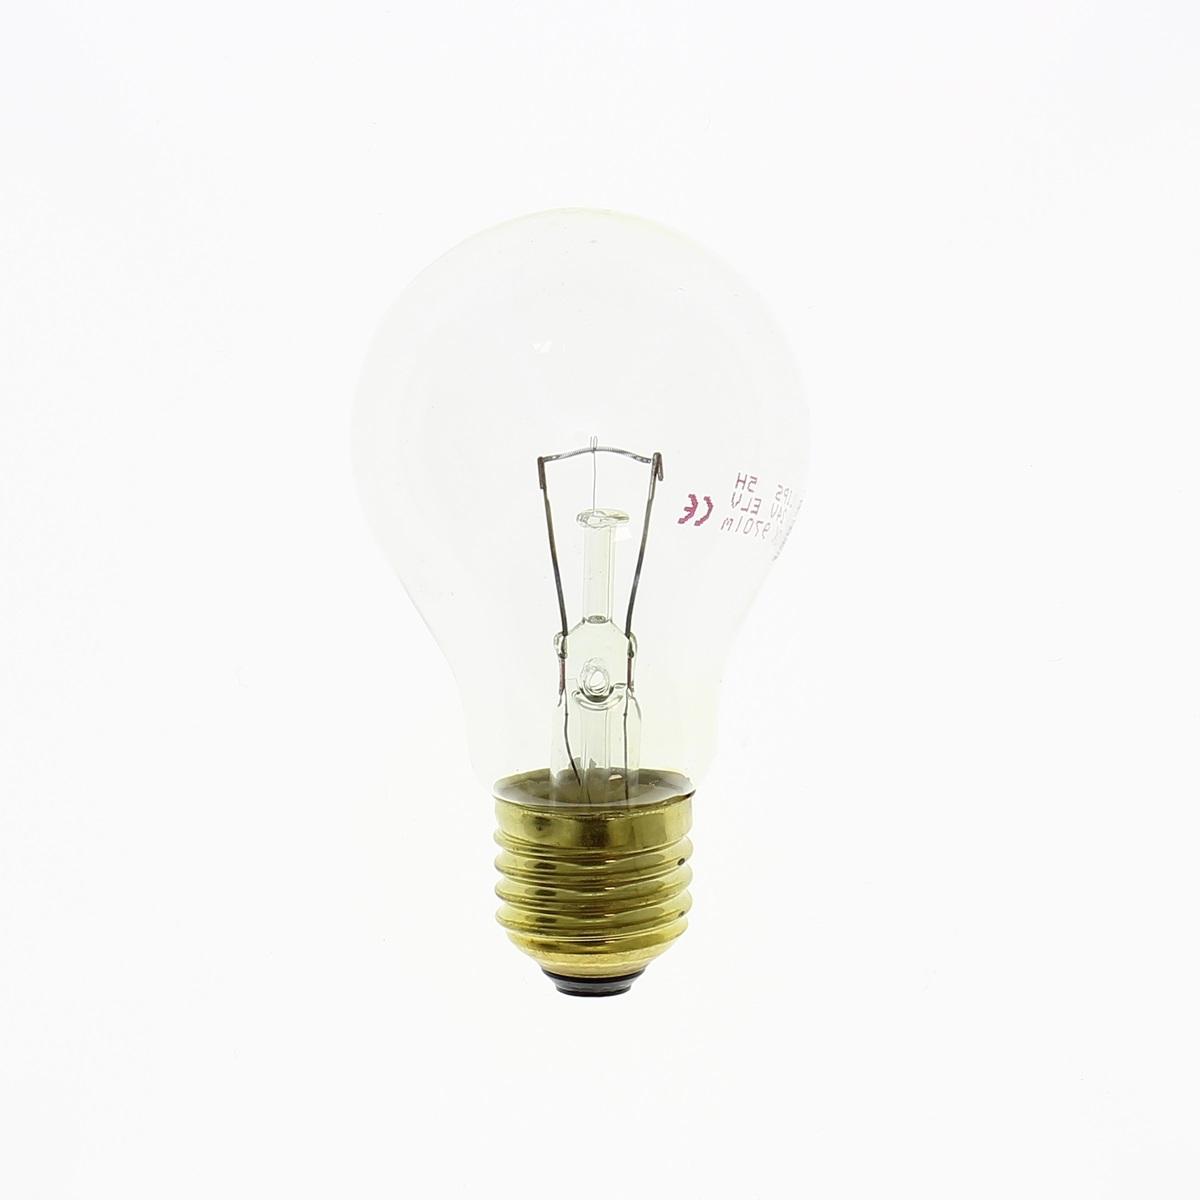 szdc88 Luce Stroboscopica di Segnalazione Stroboscopica Impermeabile 12V 120mA Indicatore Luminoso Lampada A LED Piccola Luce Lampeggiante Allarme di Sicurezza Industriale